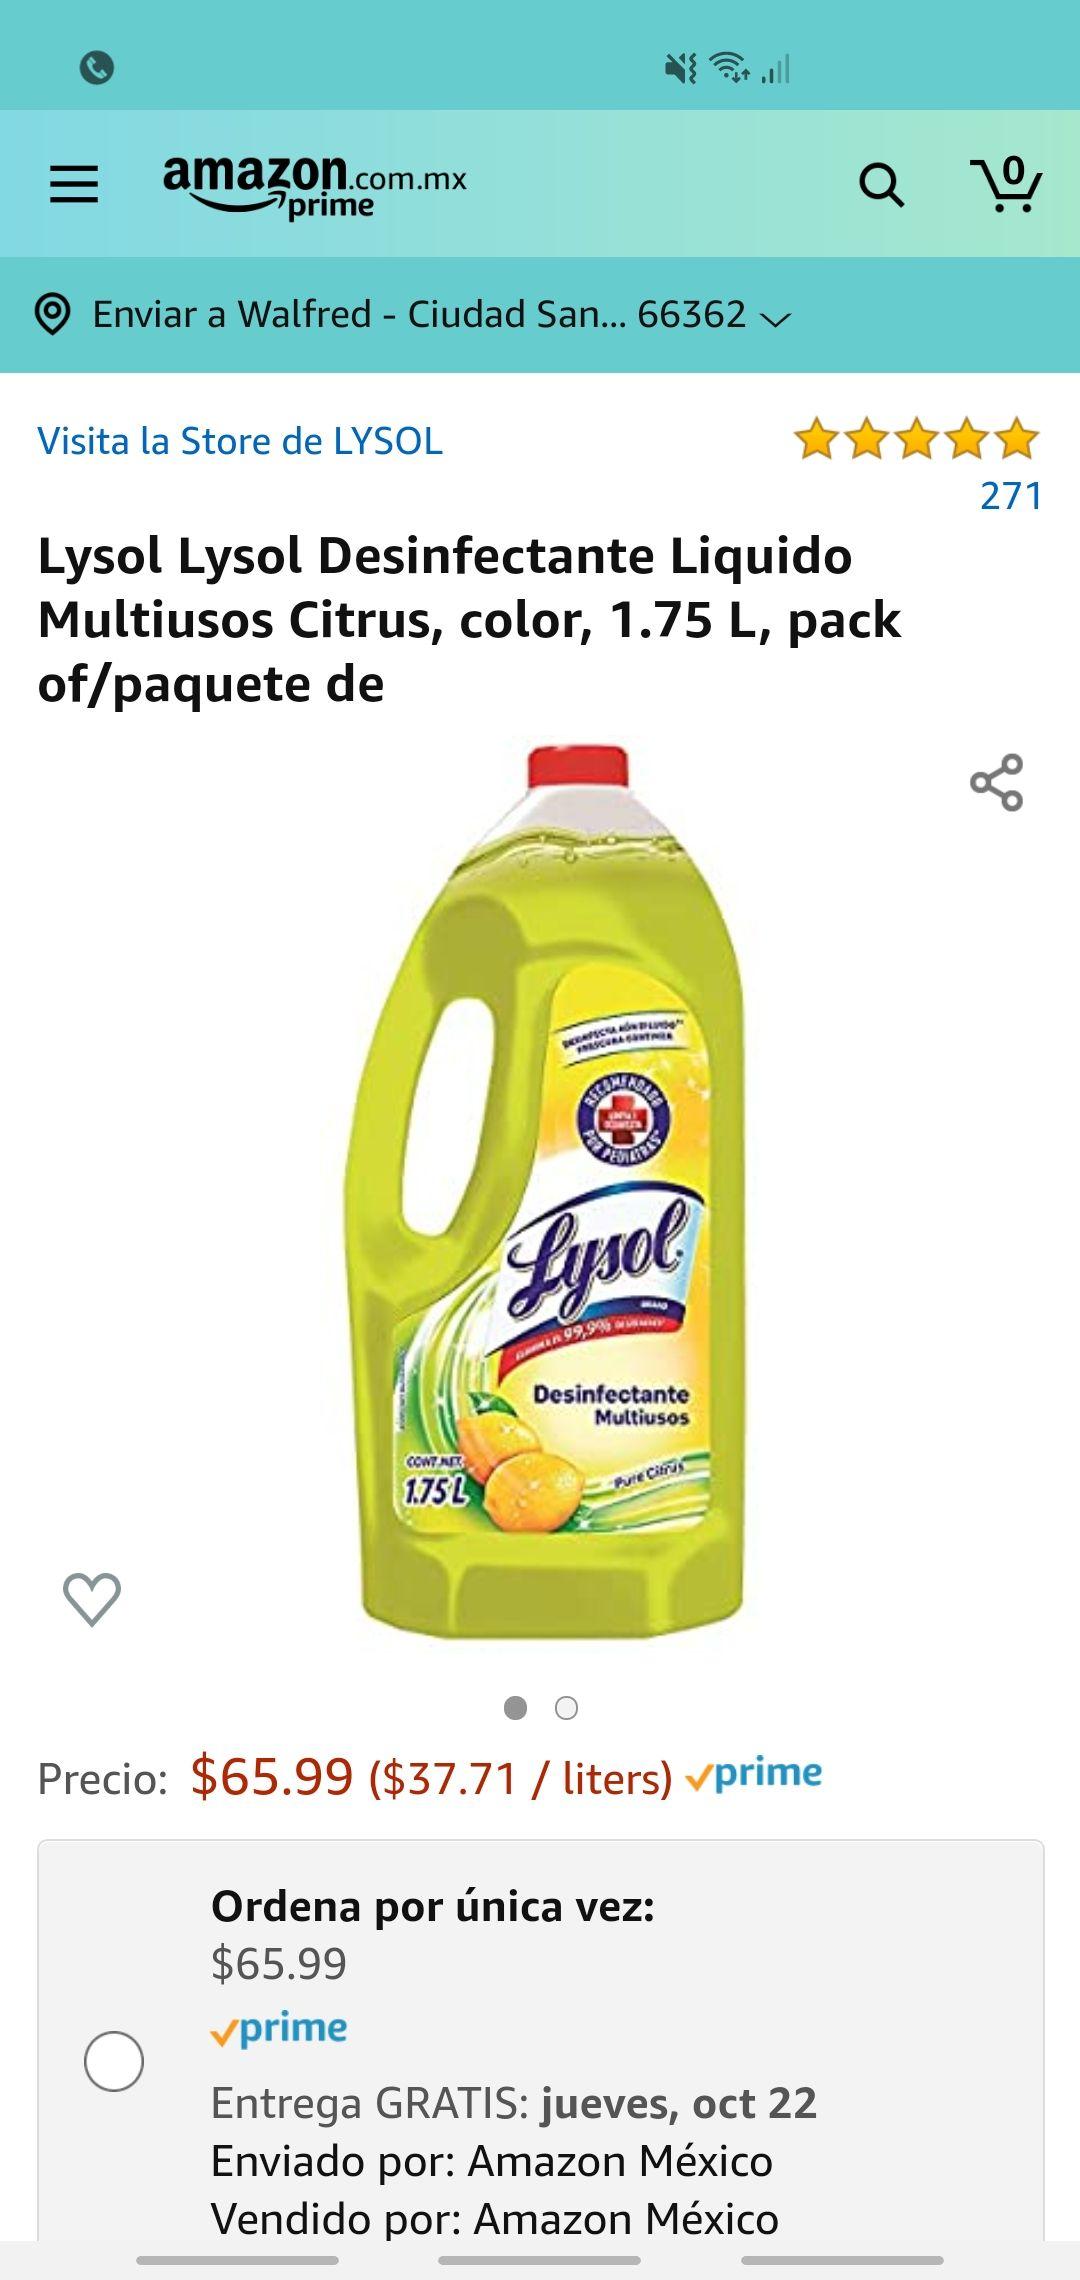 Amazon: Lysol Lysol Desinfectante Liquido Multiusos Citrus, color, 1.75 L, pack of/paquete de